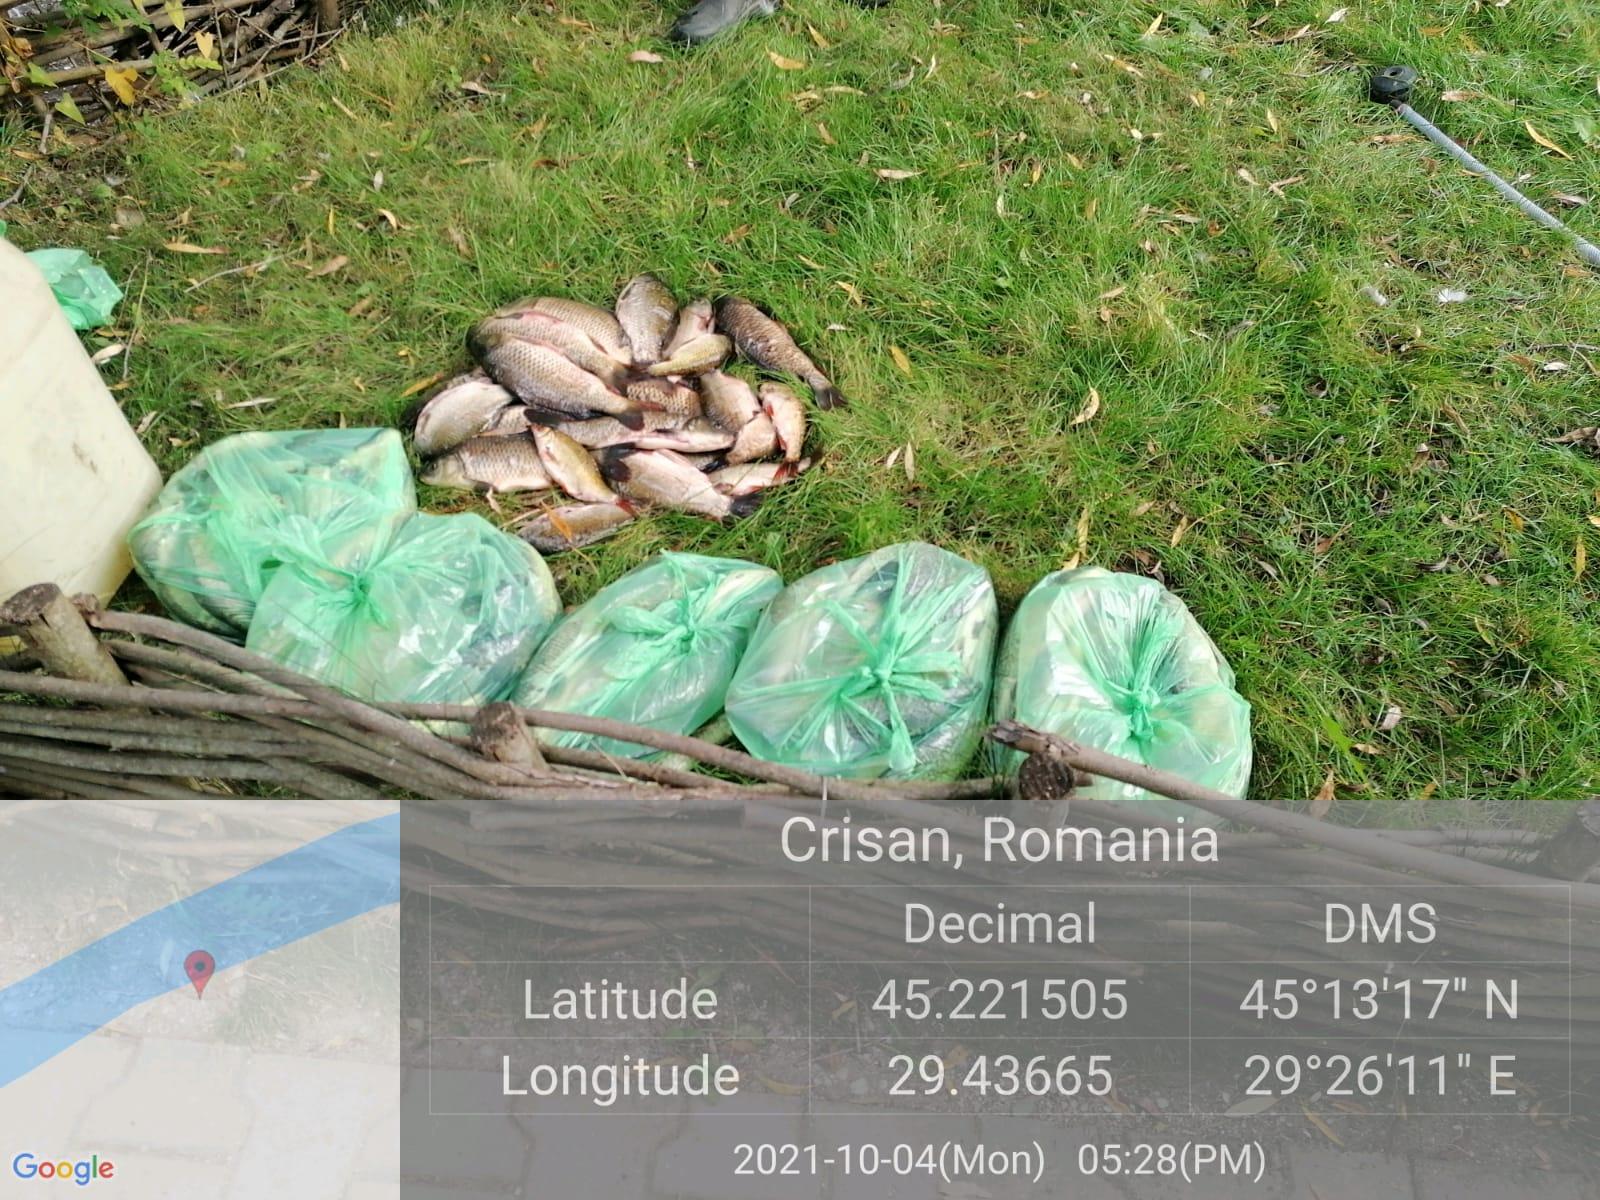 Amenzi de peste 120.000 de lei pentru pescari și societăți comerciale din Delta Dunării, pentru comercializare ilegală de pește